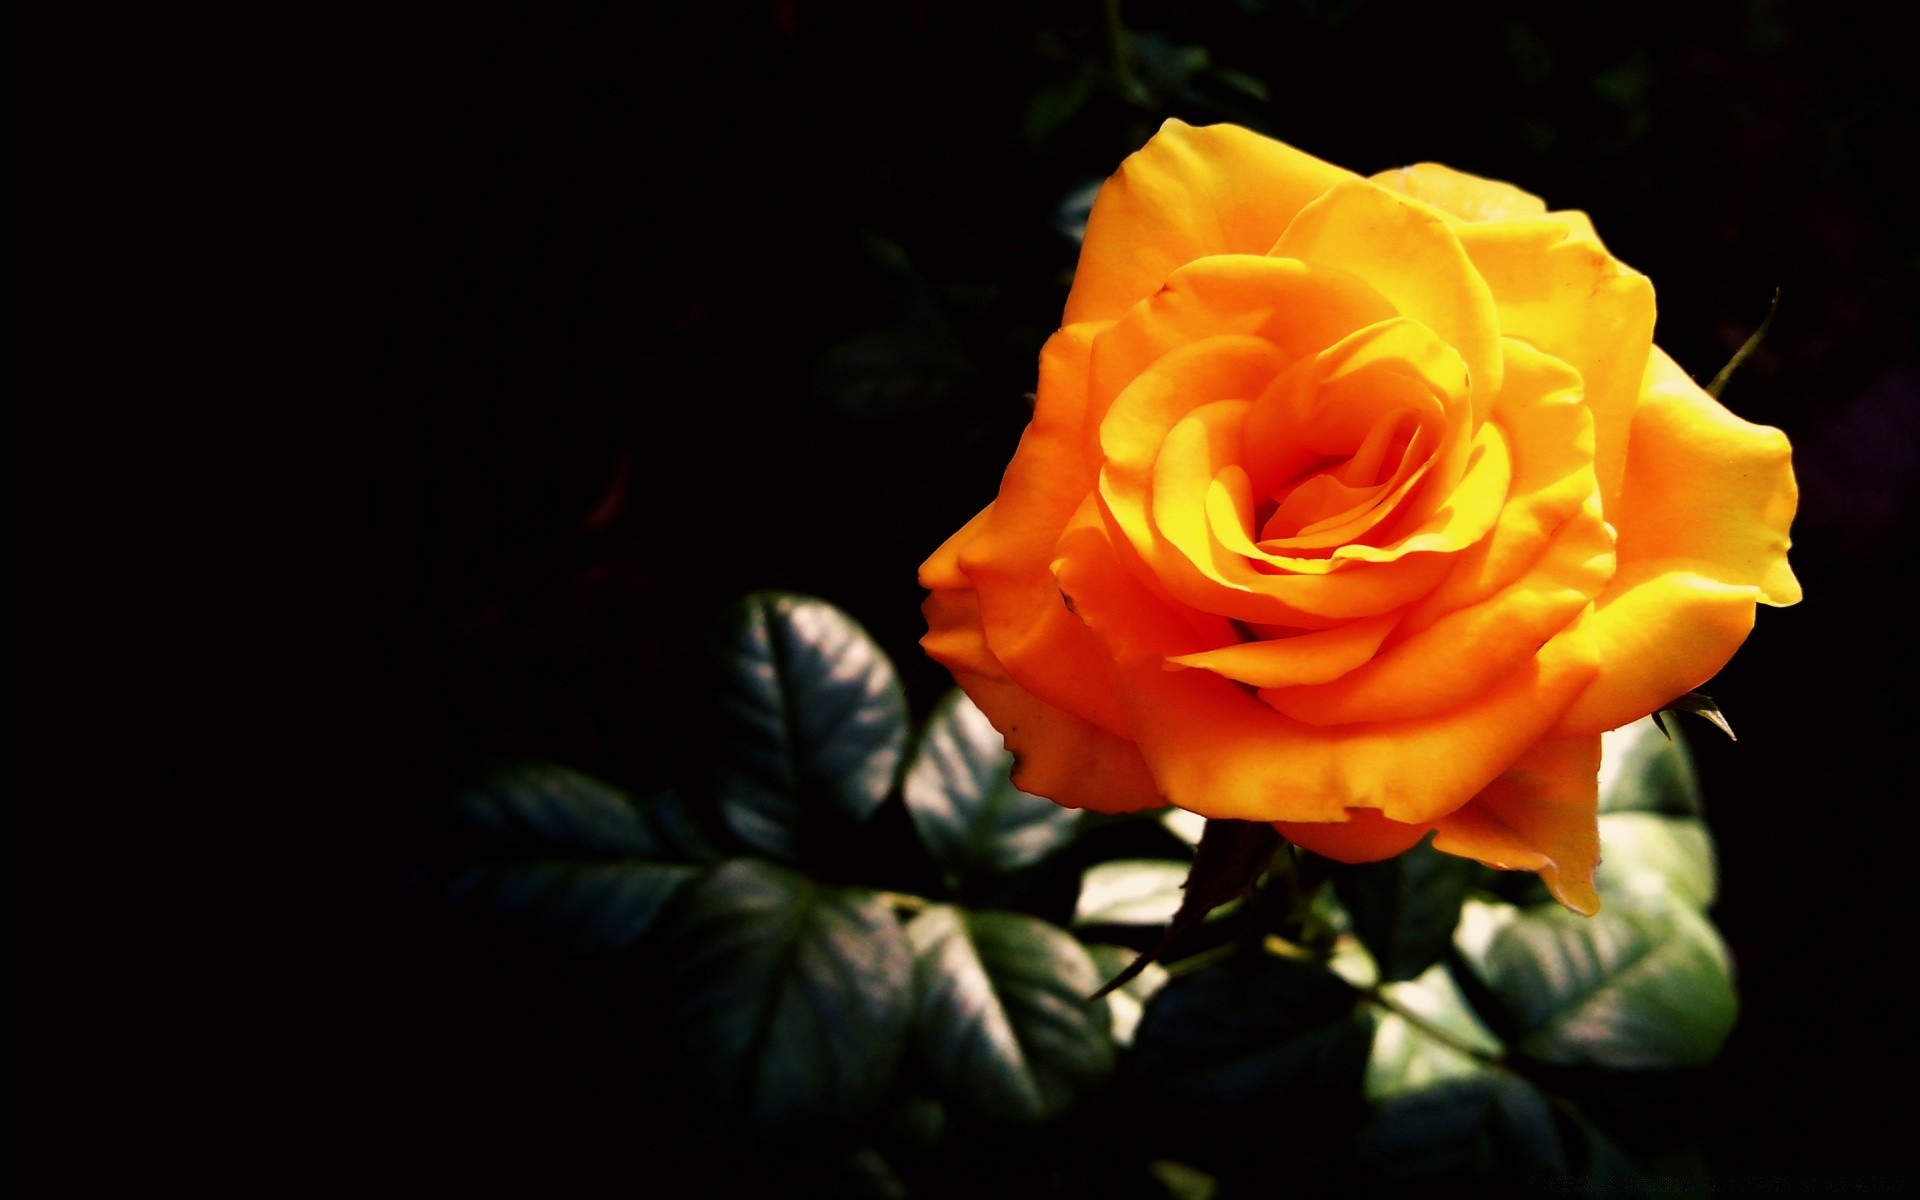 Картинки желтые розы на черном фоне, лет женщине